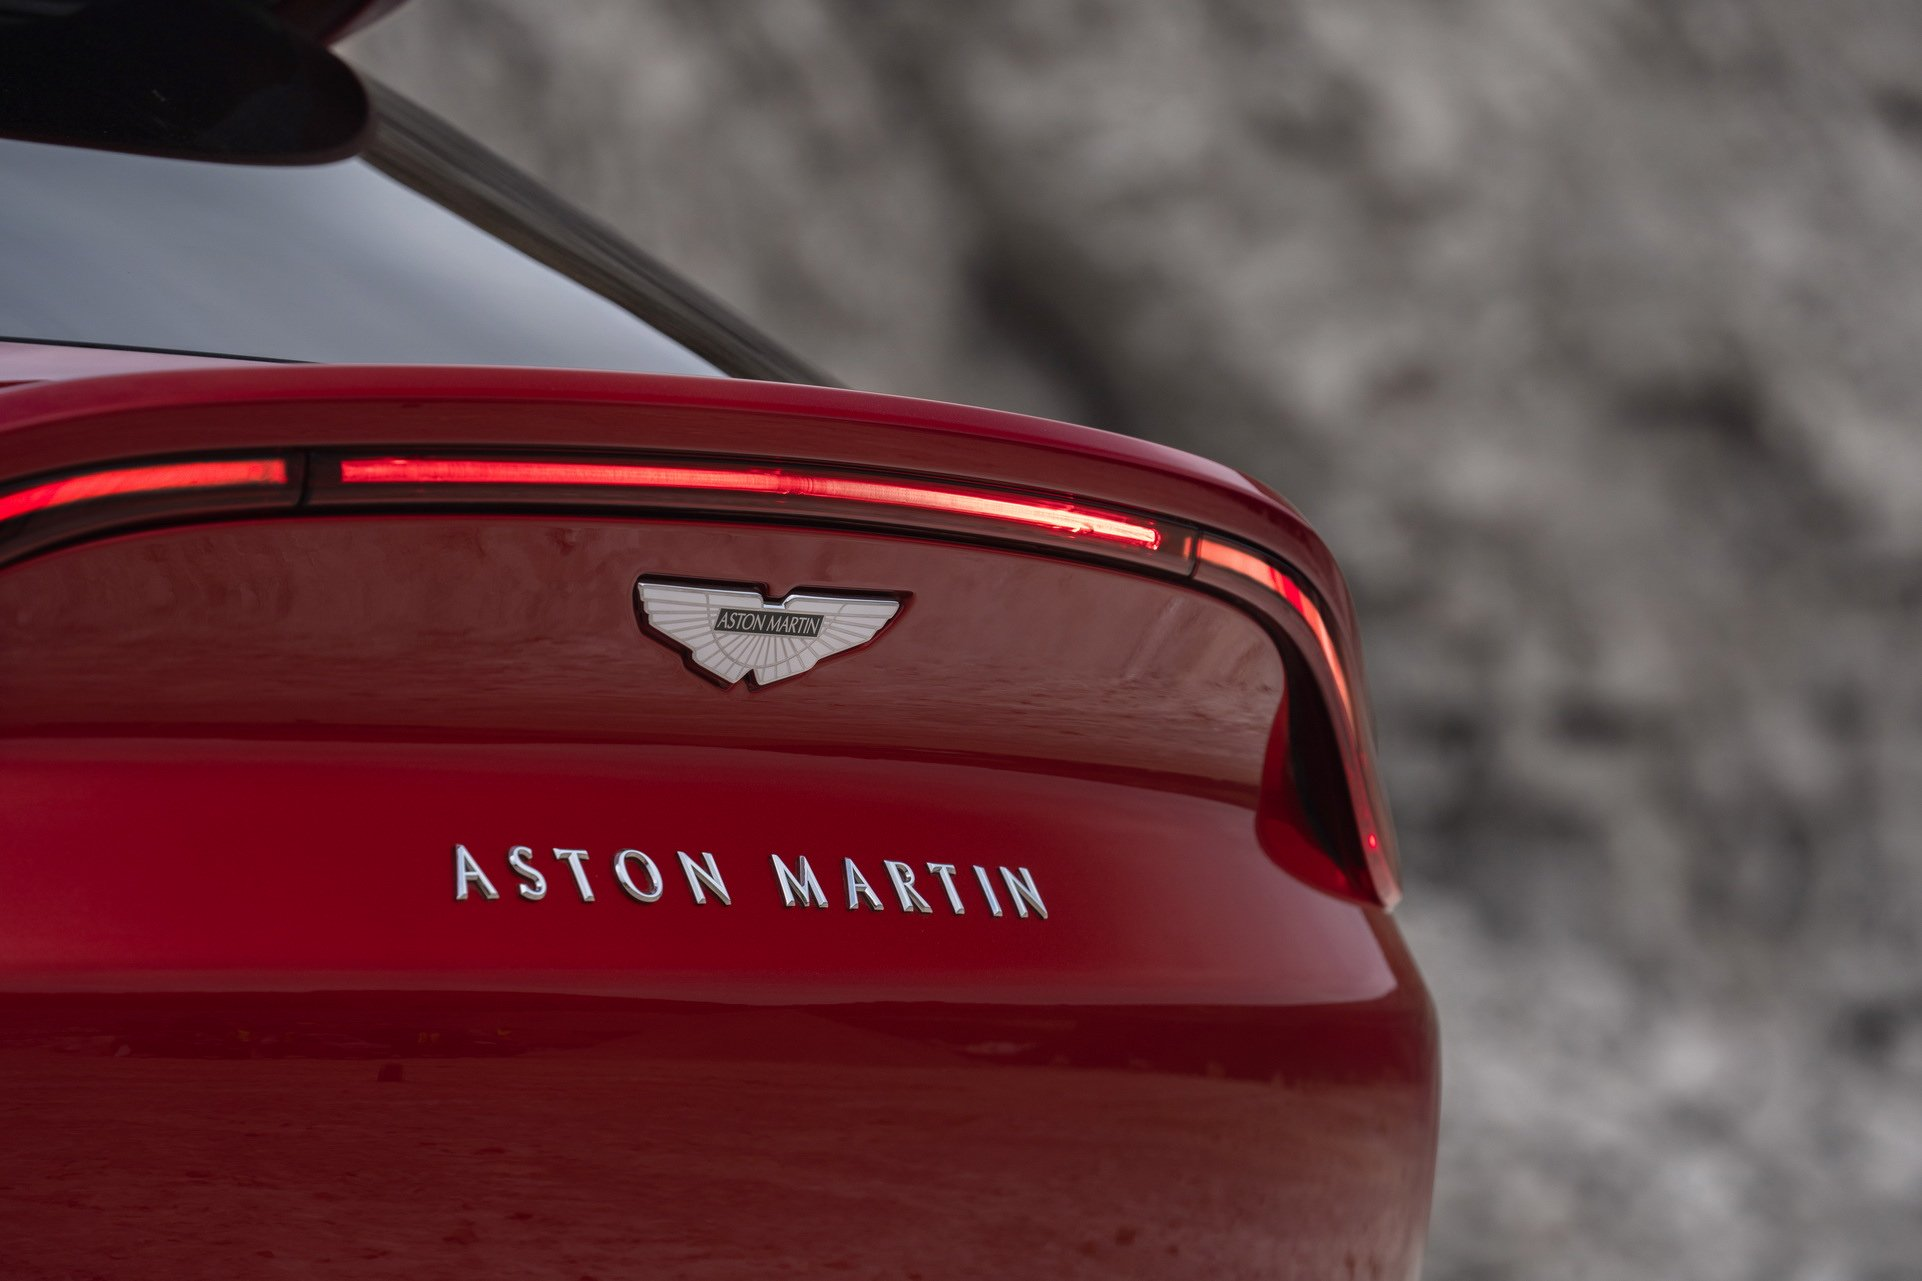 Aston Martin DBX - SUV siêu sang đầu tiên dành cho các đại gia - 11